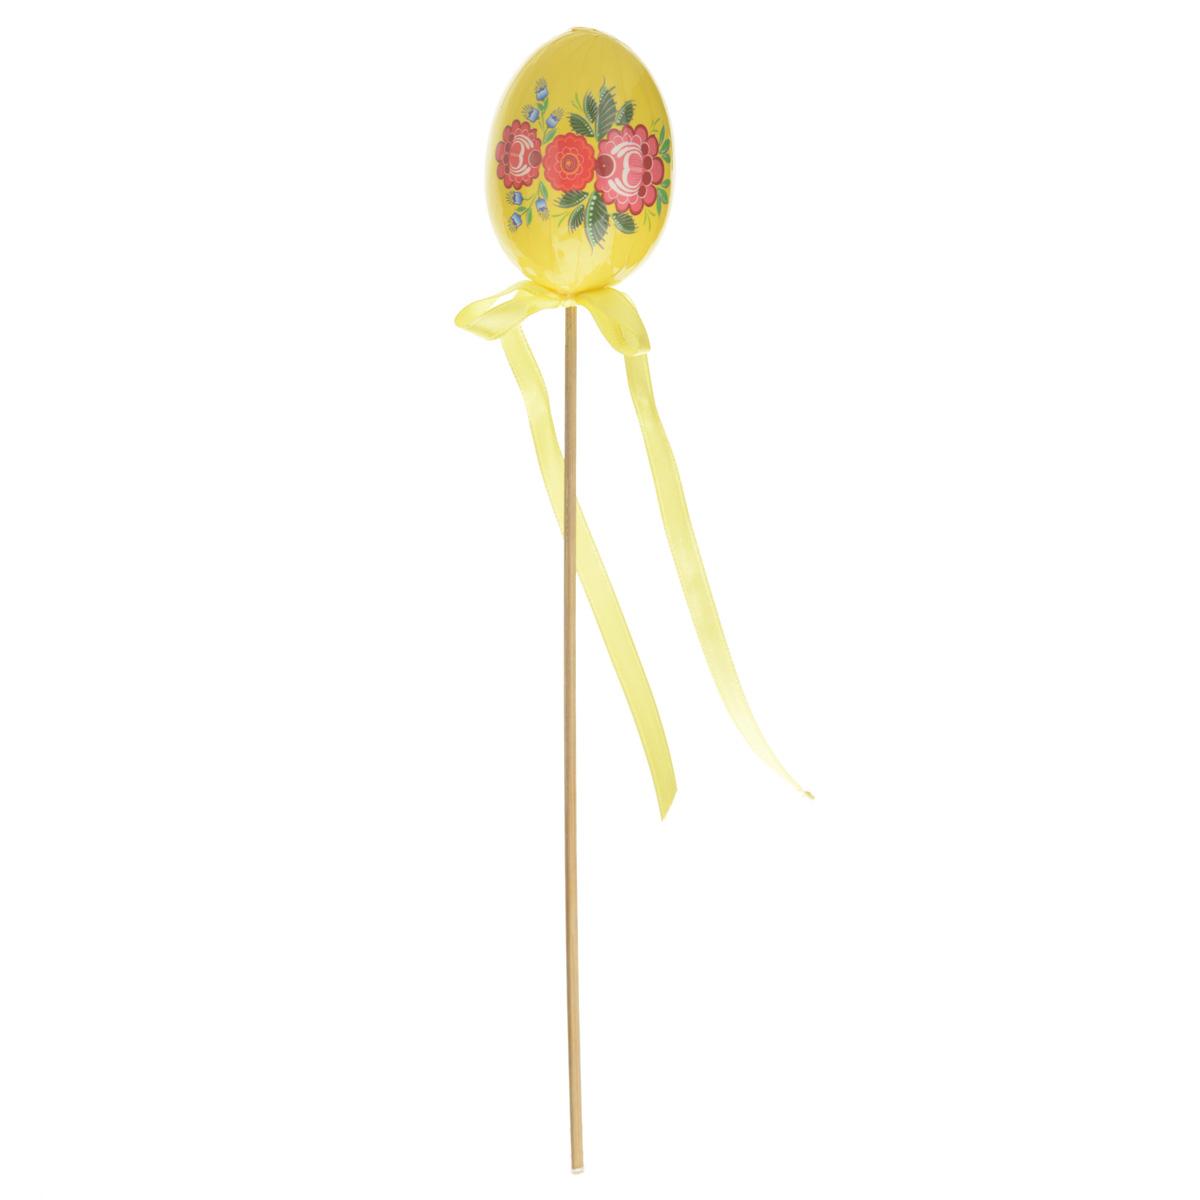 Декоративное украшение на ножке Home Queen Цветочные узоры, цвет: желтый, высота 26 см66755_1Декоративное украшение Home Queen Цветочные узоры выполнено из пластика в виде пасхального яйца на деревянной ножке, декорированного цветочным рисунком. Изделие украшено текстильной лентой. Такое украшение прекрасно дополнит подарок для друзей или близких на Пасху. Высота: 26 см. Размер яйца: 5,5 см х 4 см.